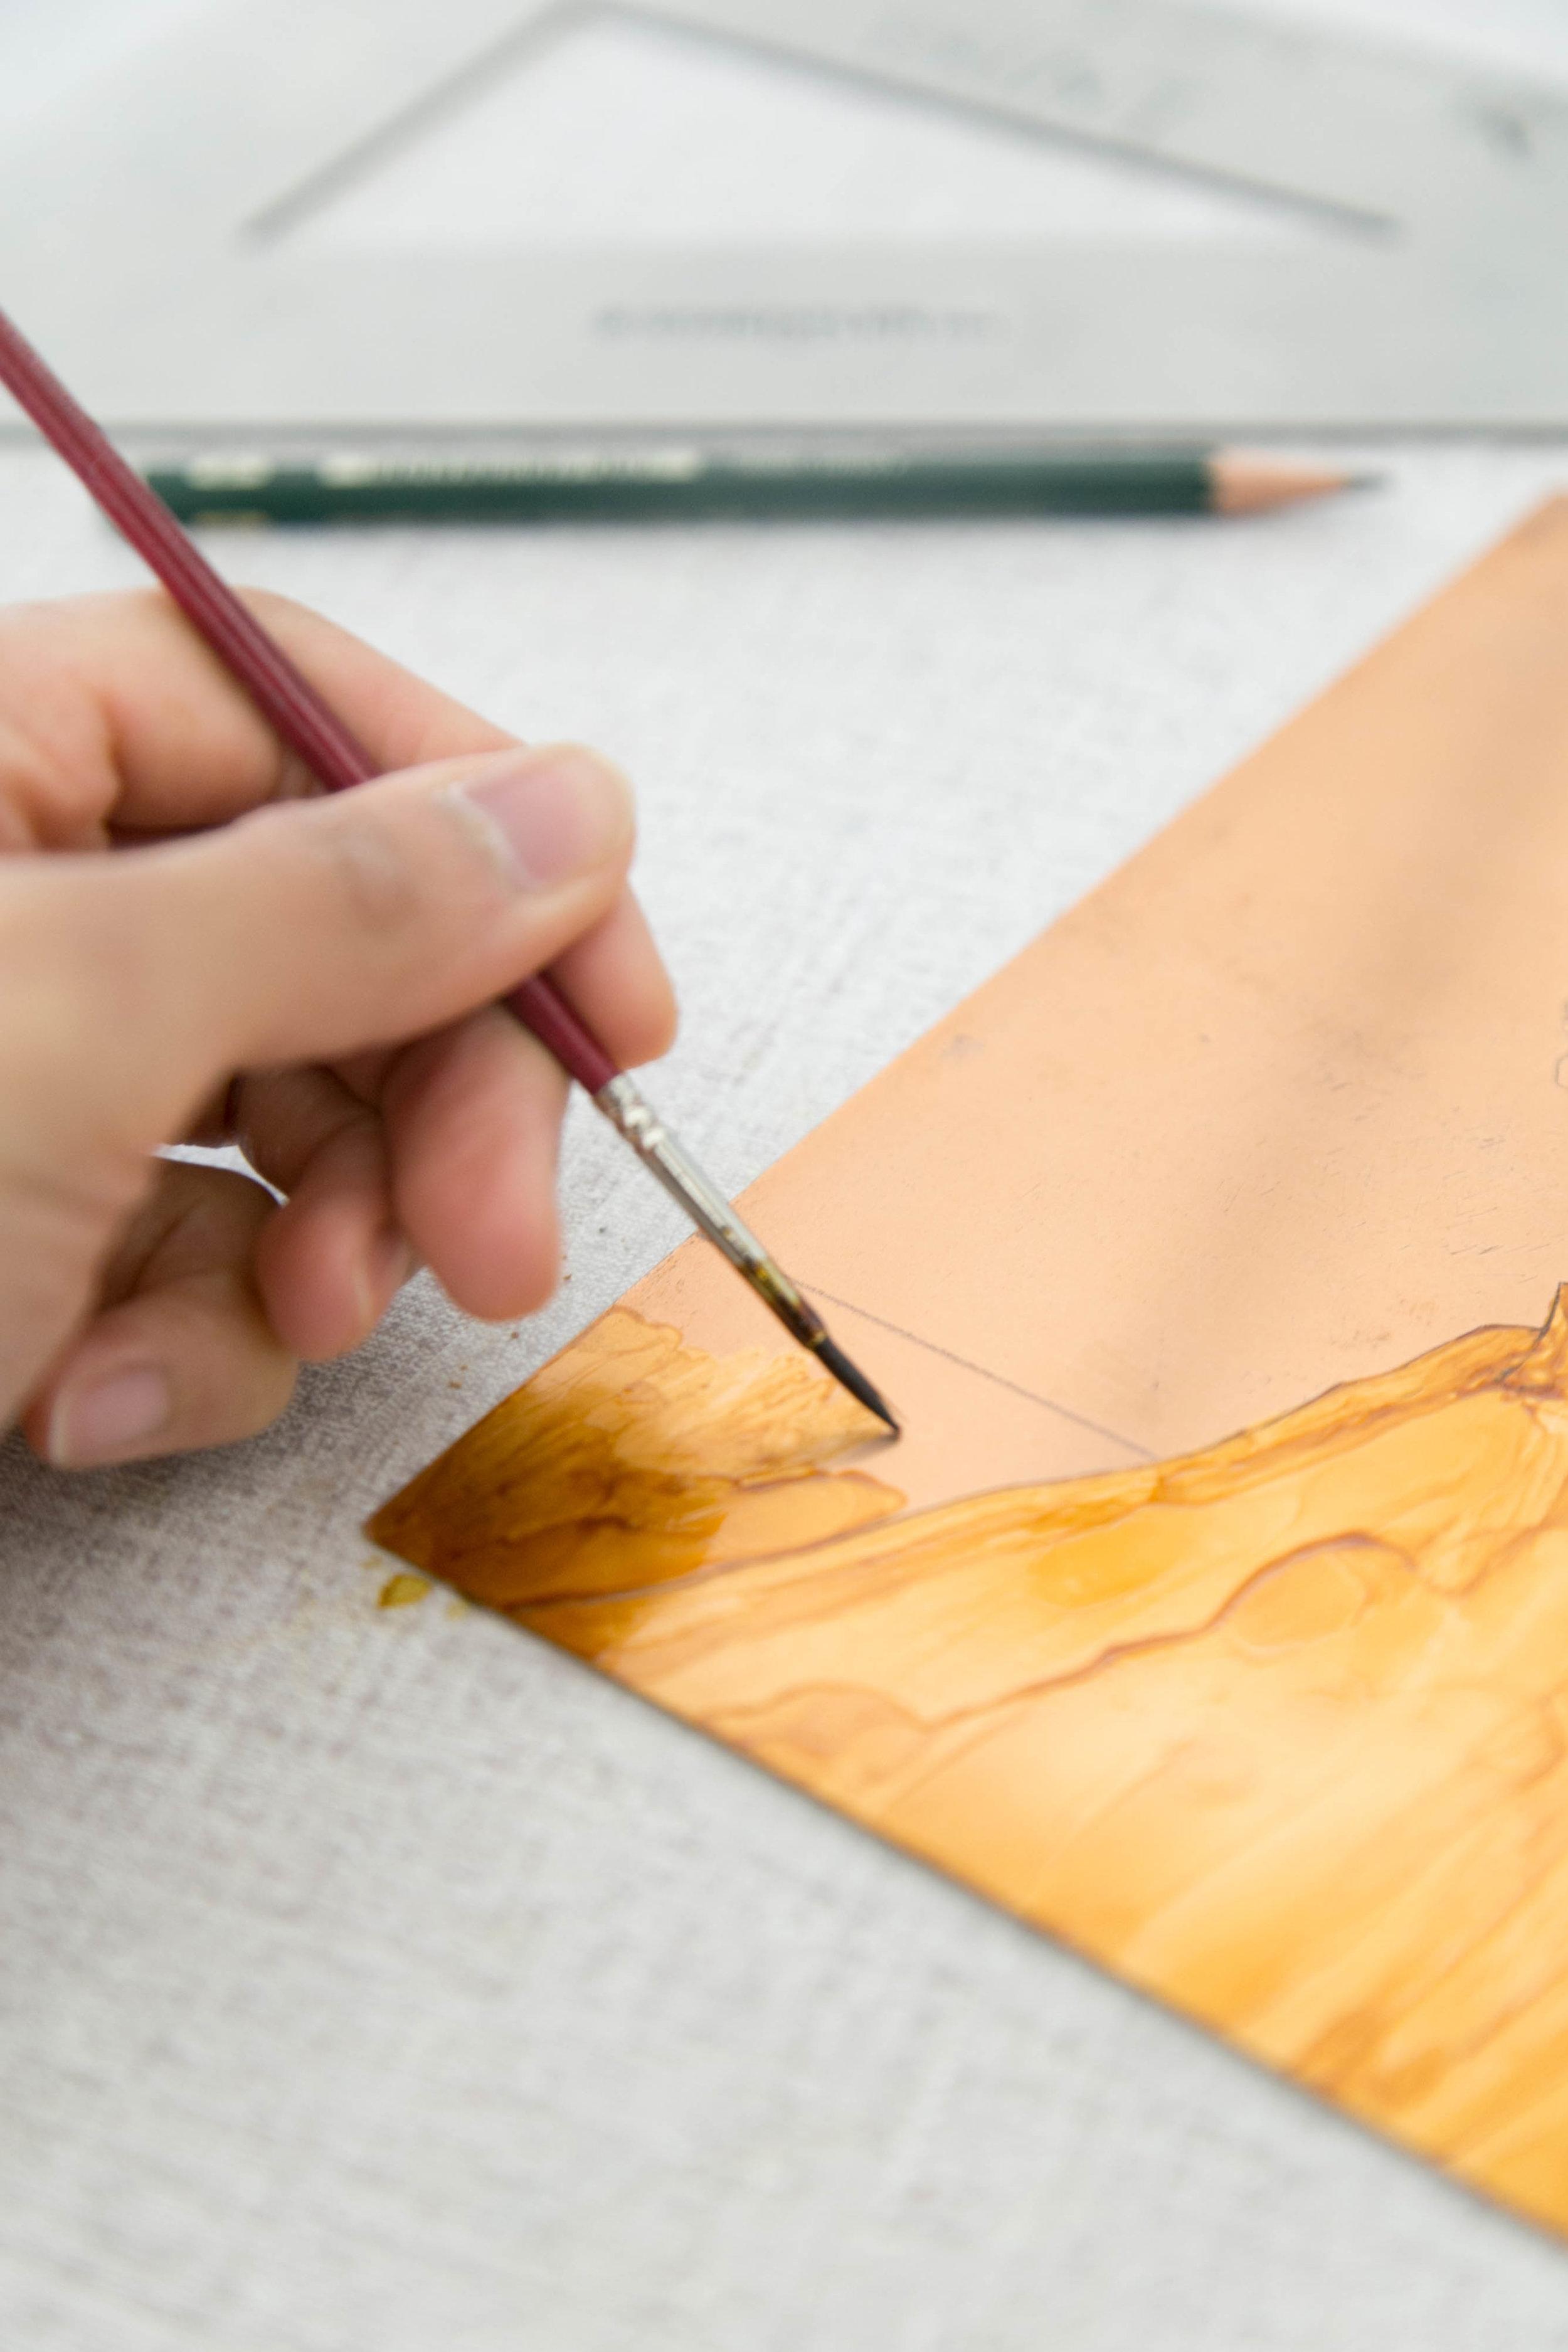 Victoria-Riza   Fashion Illustrator & Printmaker   Intaglio Etch   The Bob and the Sweater